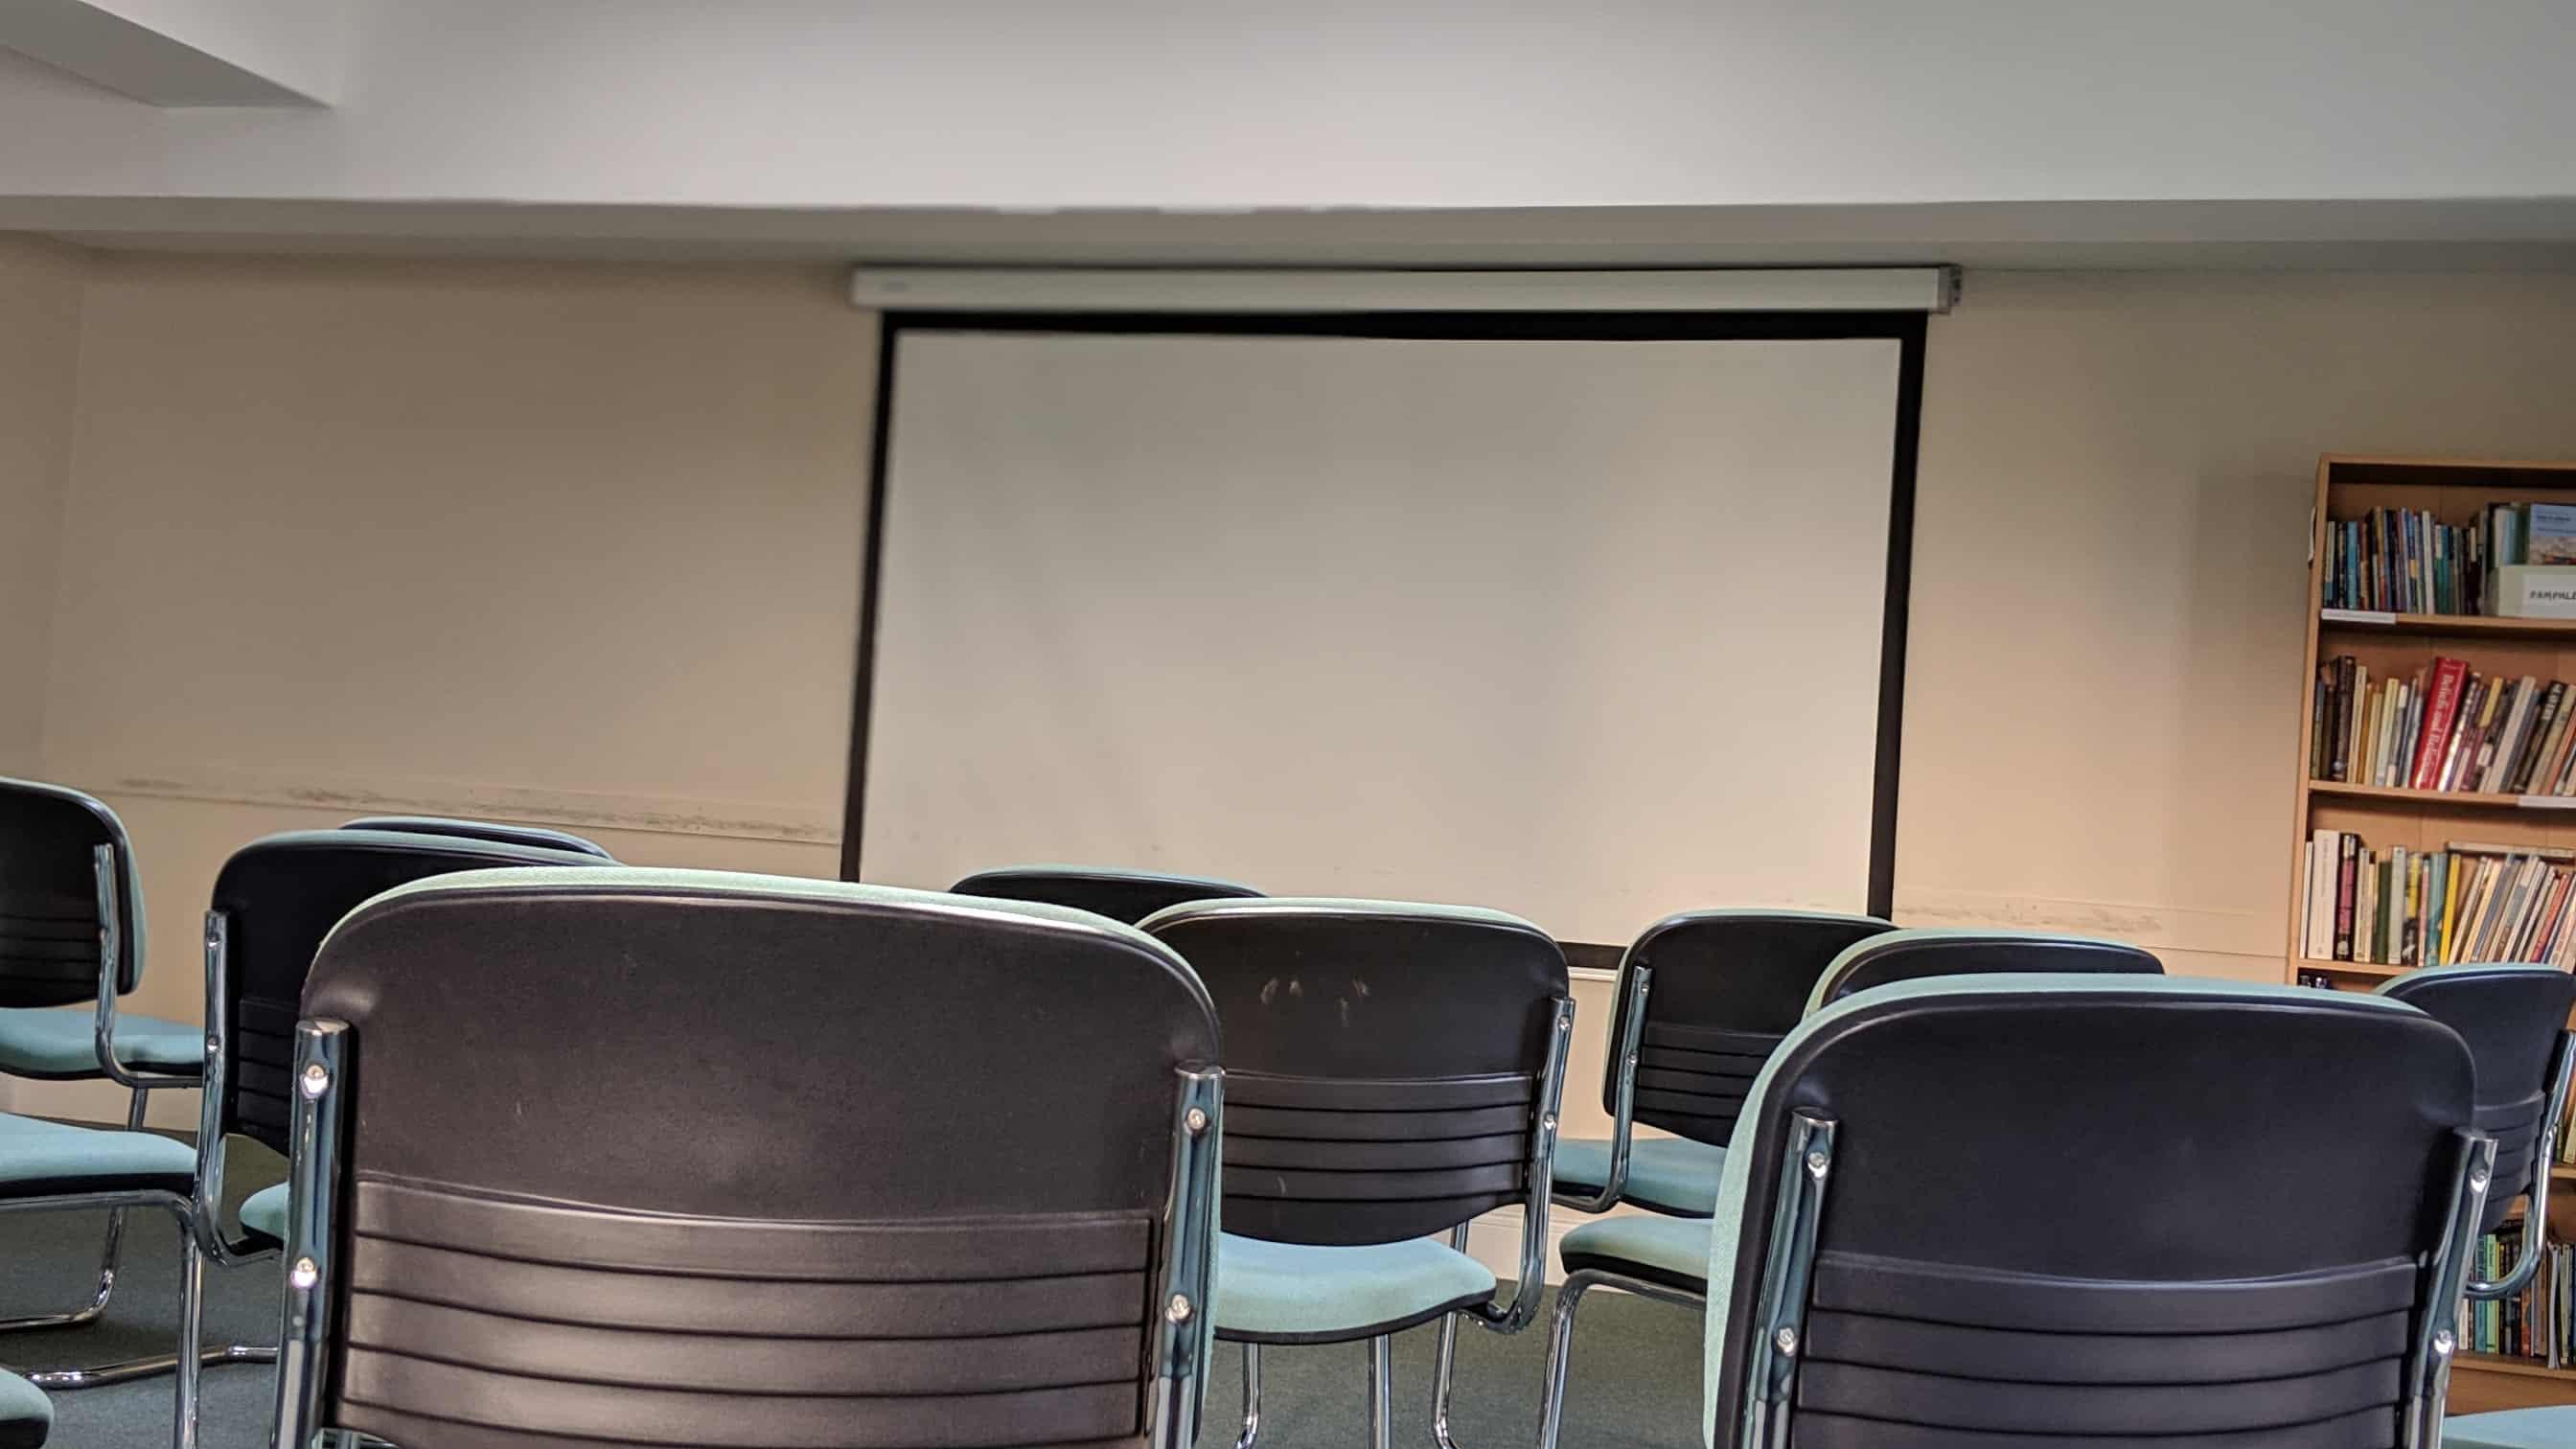 Friends Meeting Room